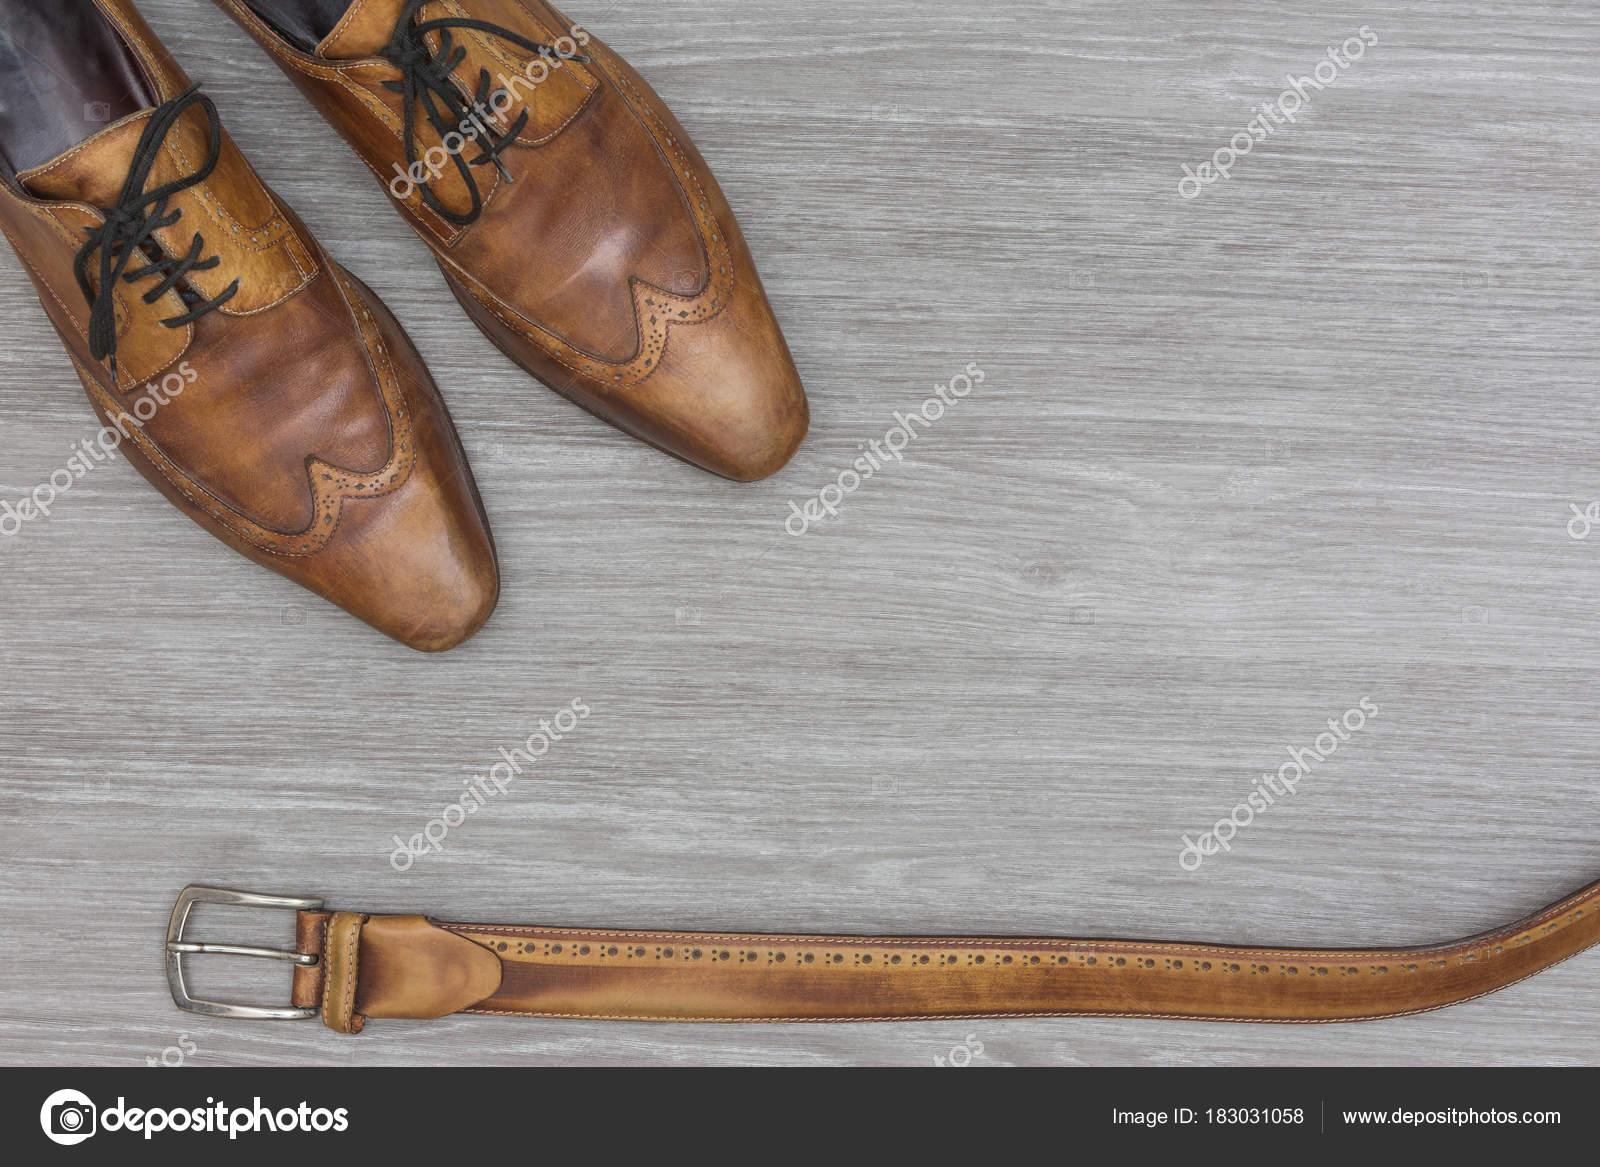 Herrenschuhe und gurtel